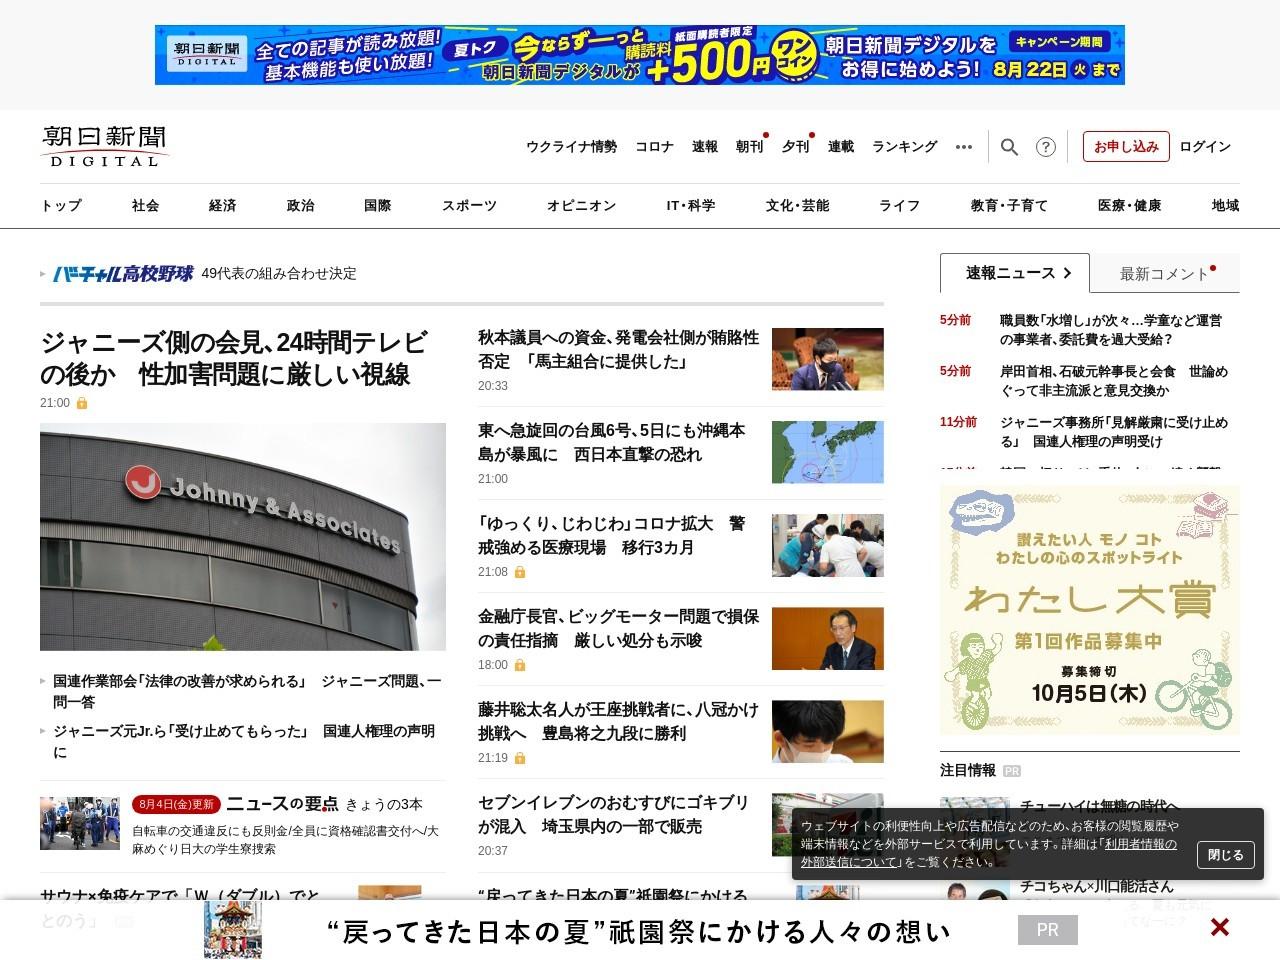 http%3A%2F%2Fwww.asahi.com%2Farticles%2FASJD56DSXJD5ULFA04G